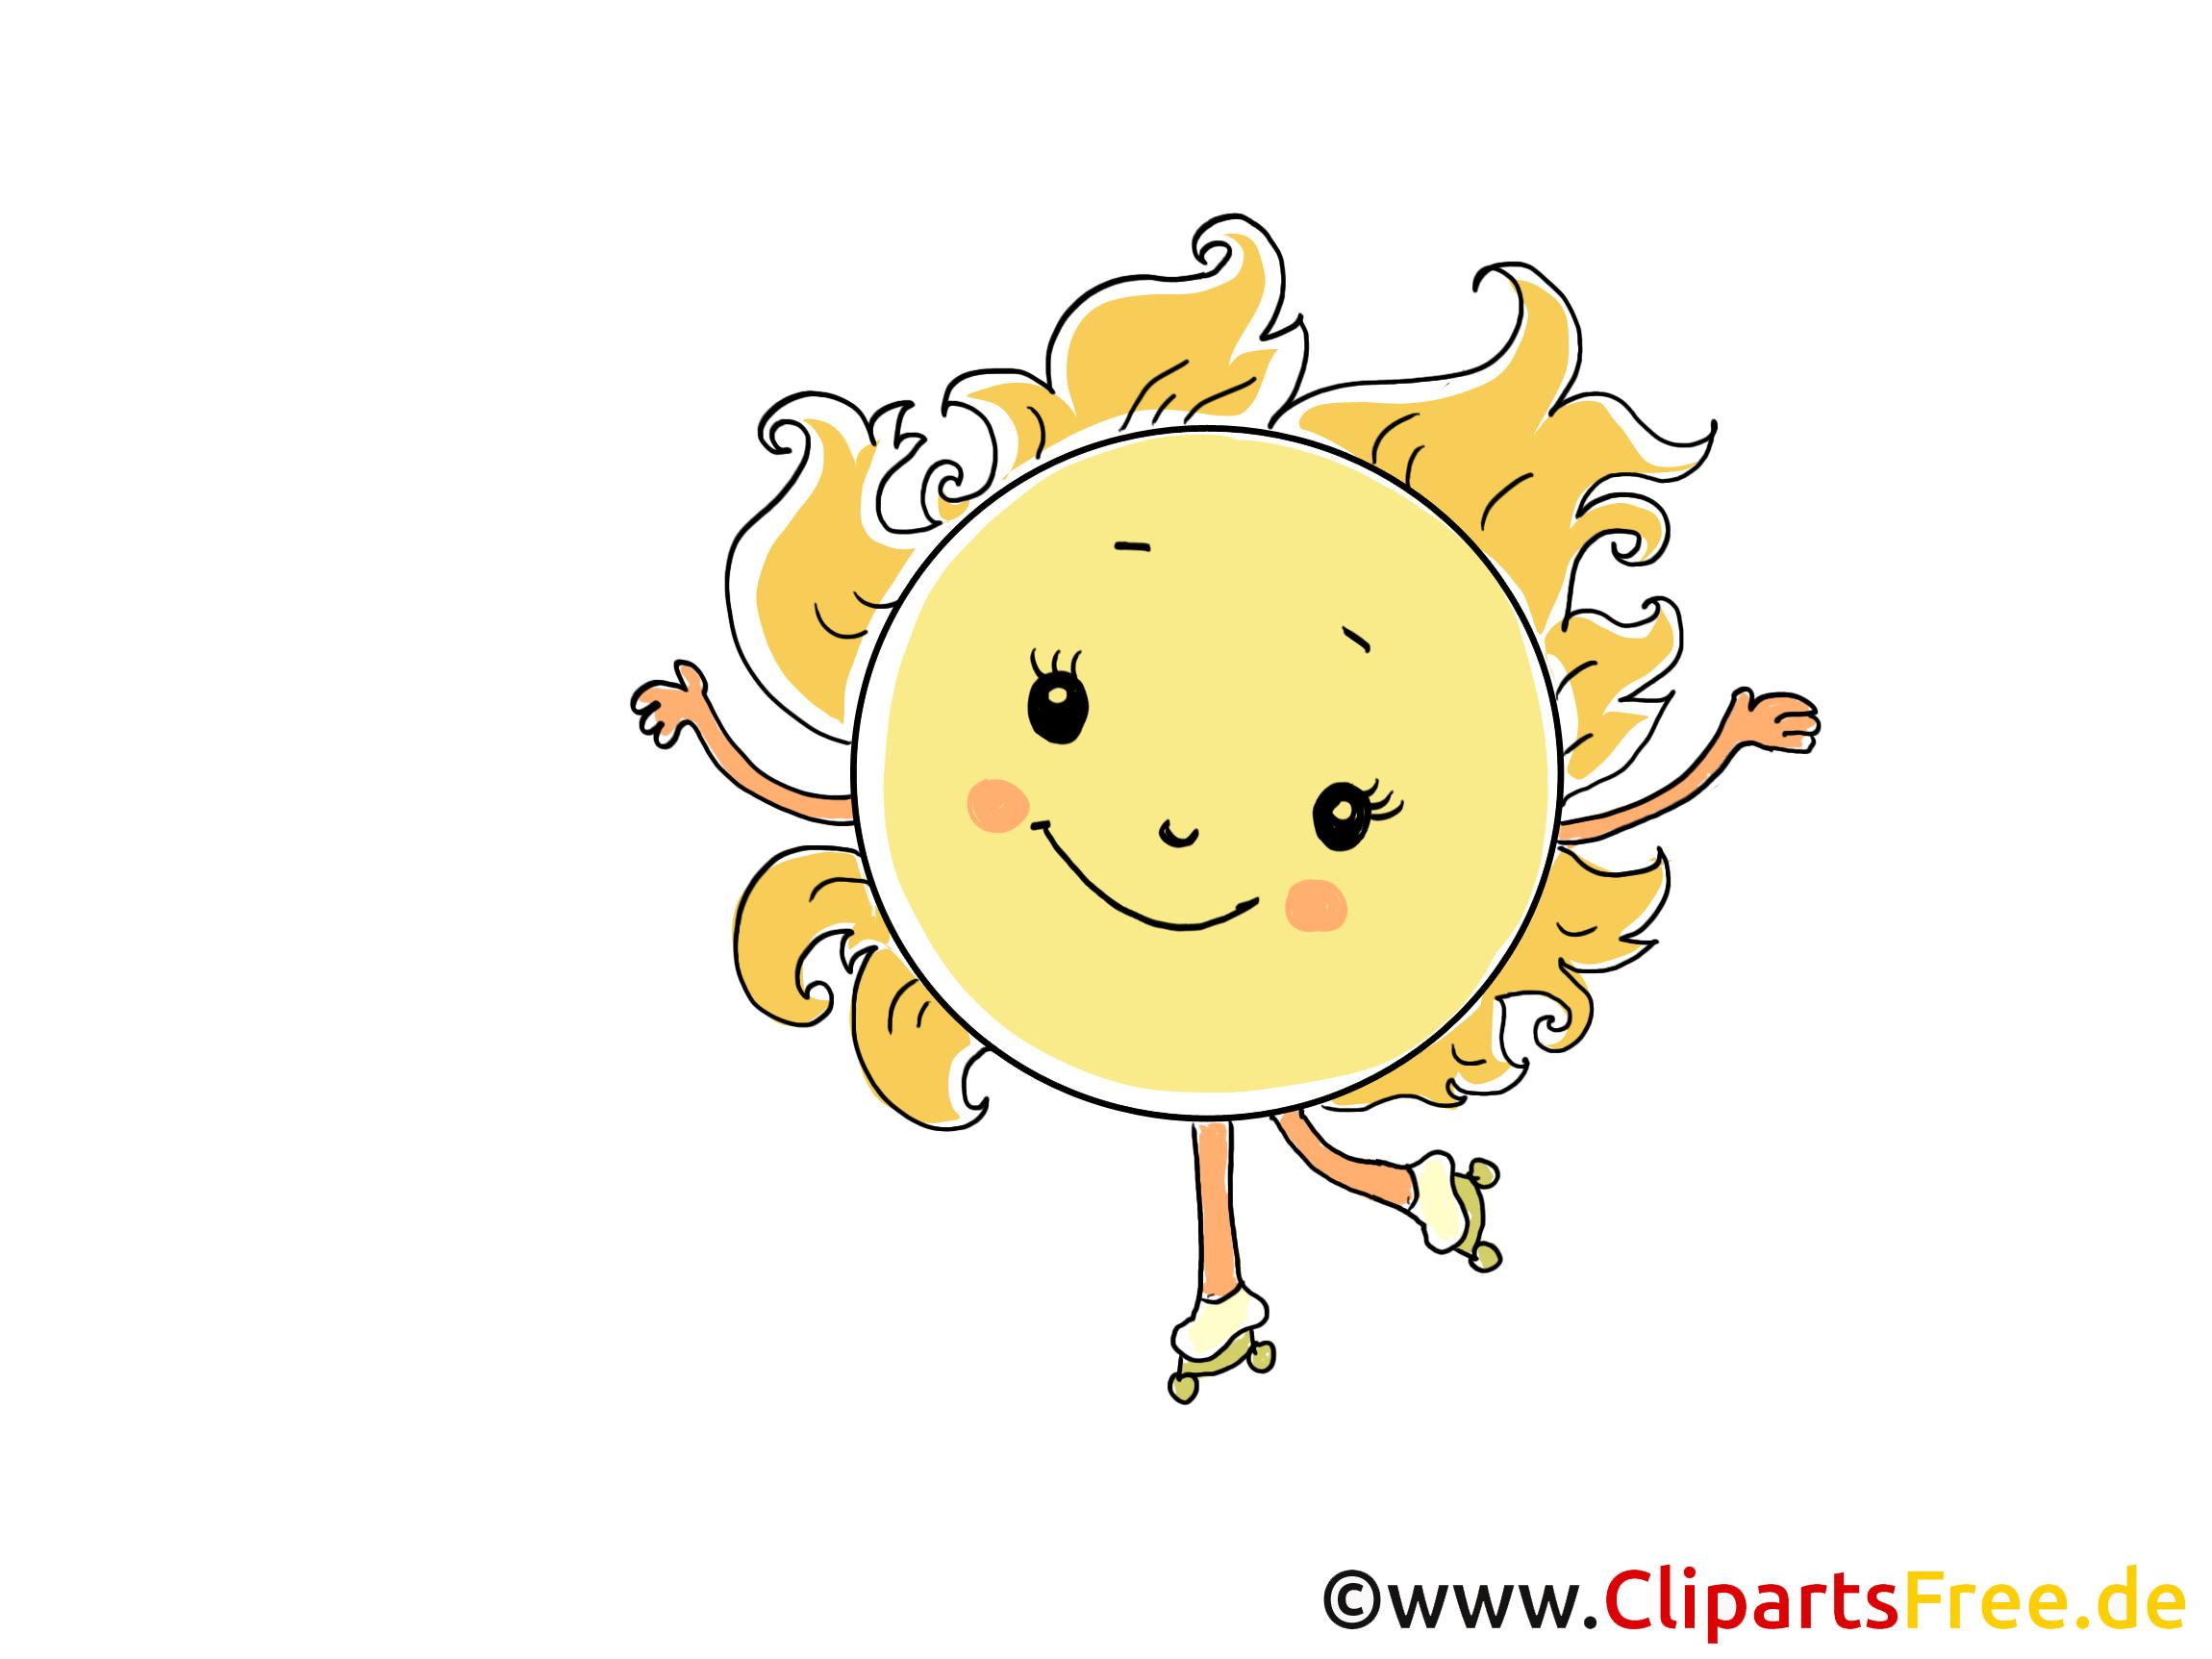 Célèbre Patins à roulettes dessin - Soleil clip art gratuit - Temps images  LB45